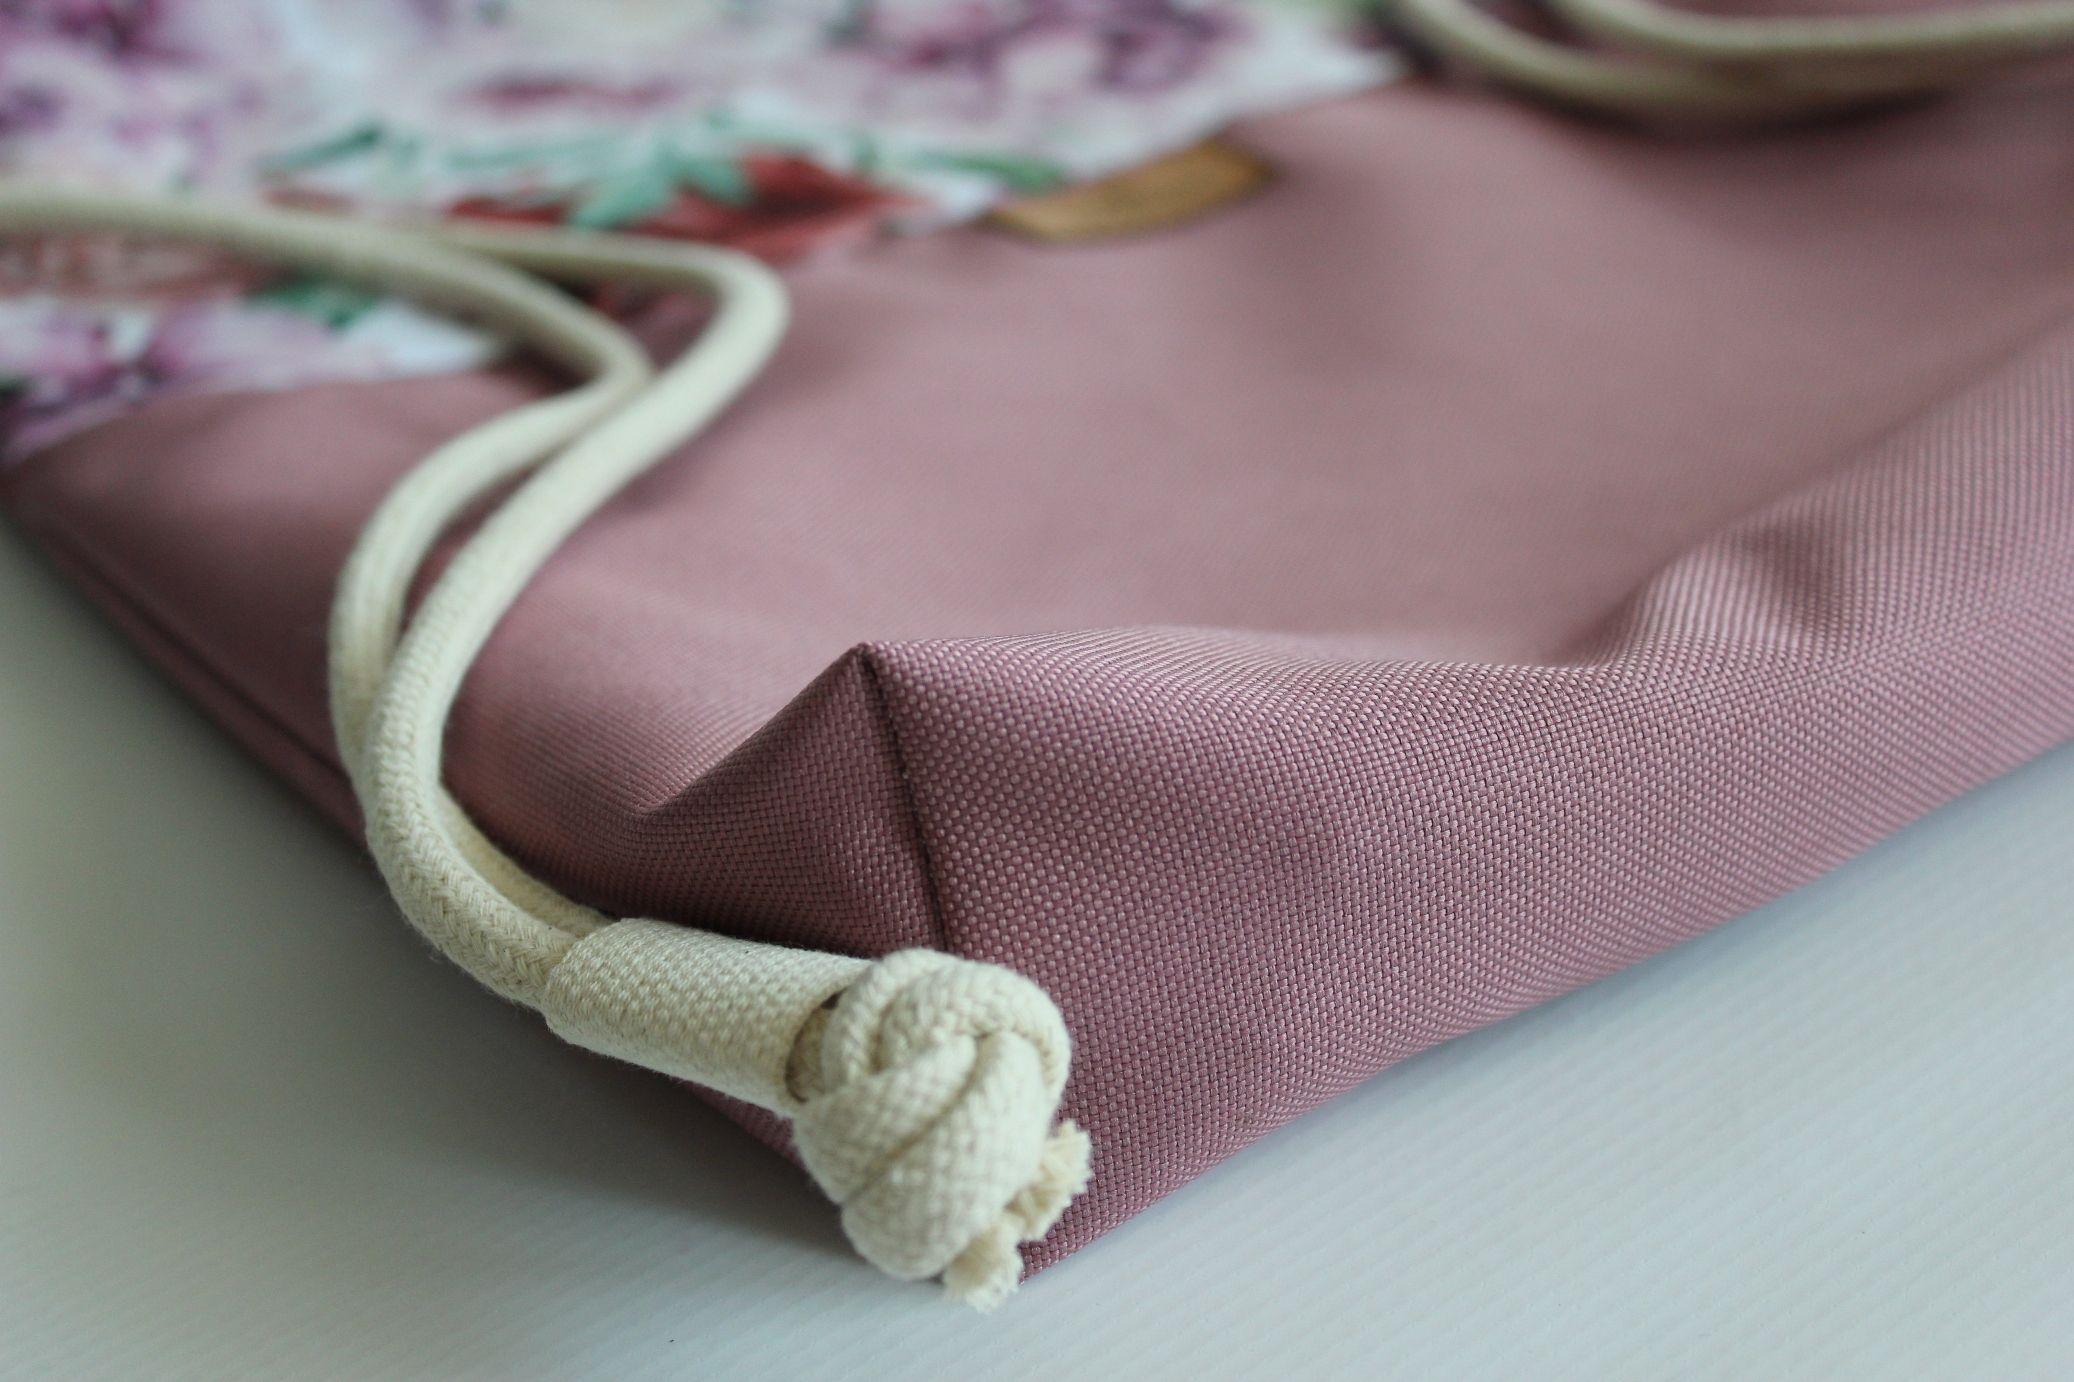 Plecak worek wykonany z WODOODPORNEJ, szybkoschnącej i odpornej na brud tkaniny. W środku worko plecaka piękna beżowa podszewka (kaletnicza, bardzo mocna), kieszonka na zamek, karabińczyk na np. klucze. Plecaczek ma dodatkowo rączki do trzymania go w dłoni. Jest to bardzo funkcjonalny element. Dzięki połączeniu wzoru liści tropikalnych oraz beżowego spodu powstał plecak, który będzie pasował do wielu Twoich stylizacji. Produkt szyty ręcznie, z najwyższą dokładnością a jego oryginalny wzór nie pozostawi nikogo obojętnym. Wymiary (+/-2cm): wys - 43cmszer - 37cm dno: - 4 cm Zalety: - kaletnicza i wodoodporna podszewka z zamykaną kieszonką na zamek- karabińczyk na klucze wewnątrz plecakoworka- gruby bawełniany sznur 8mm- wodoodporny- łatwość w utrzymaniu czystości- wytrzymałość- piękny designPielęgnacja: - zalecane pranie ręczne- temp. prania do 30st. C- nie należy używać wybielaczy- prasować w niskiej temperaturze Polecam zamykaną na zamek kosmetyczkę do kompletu. Dzięki niej zachowasz po